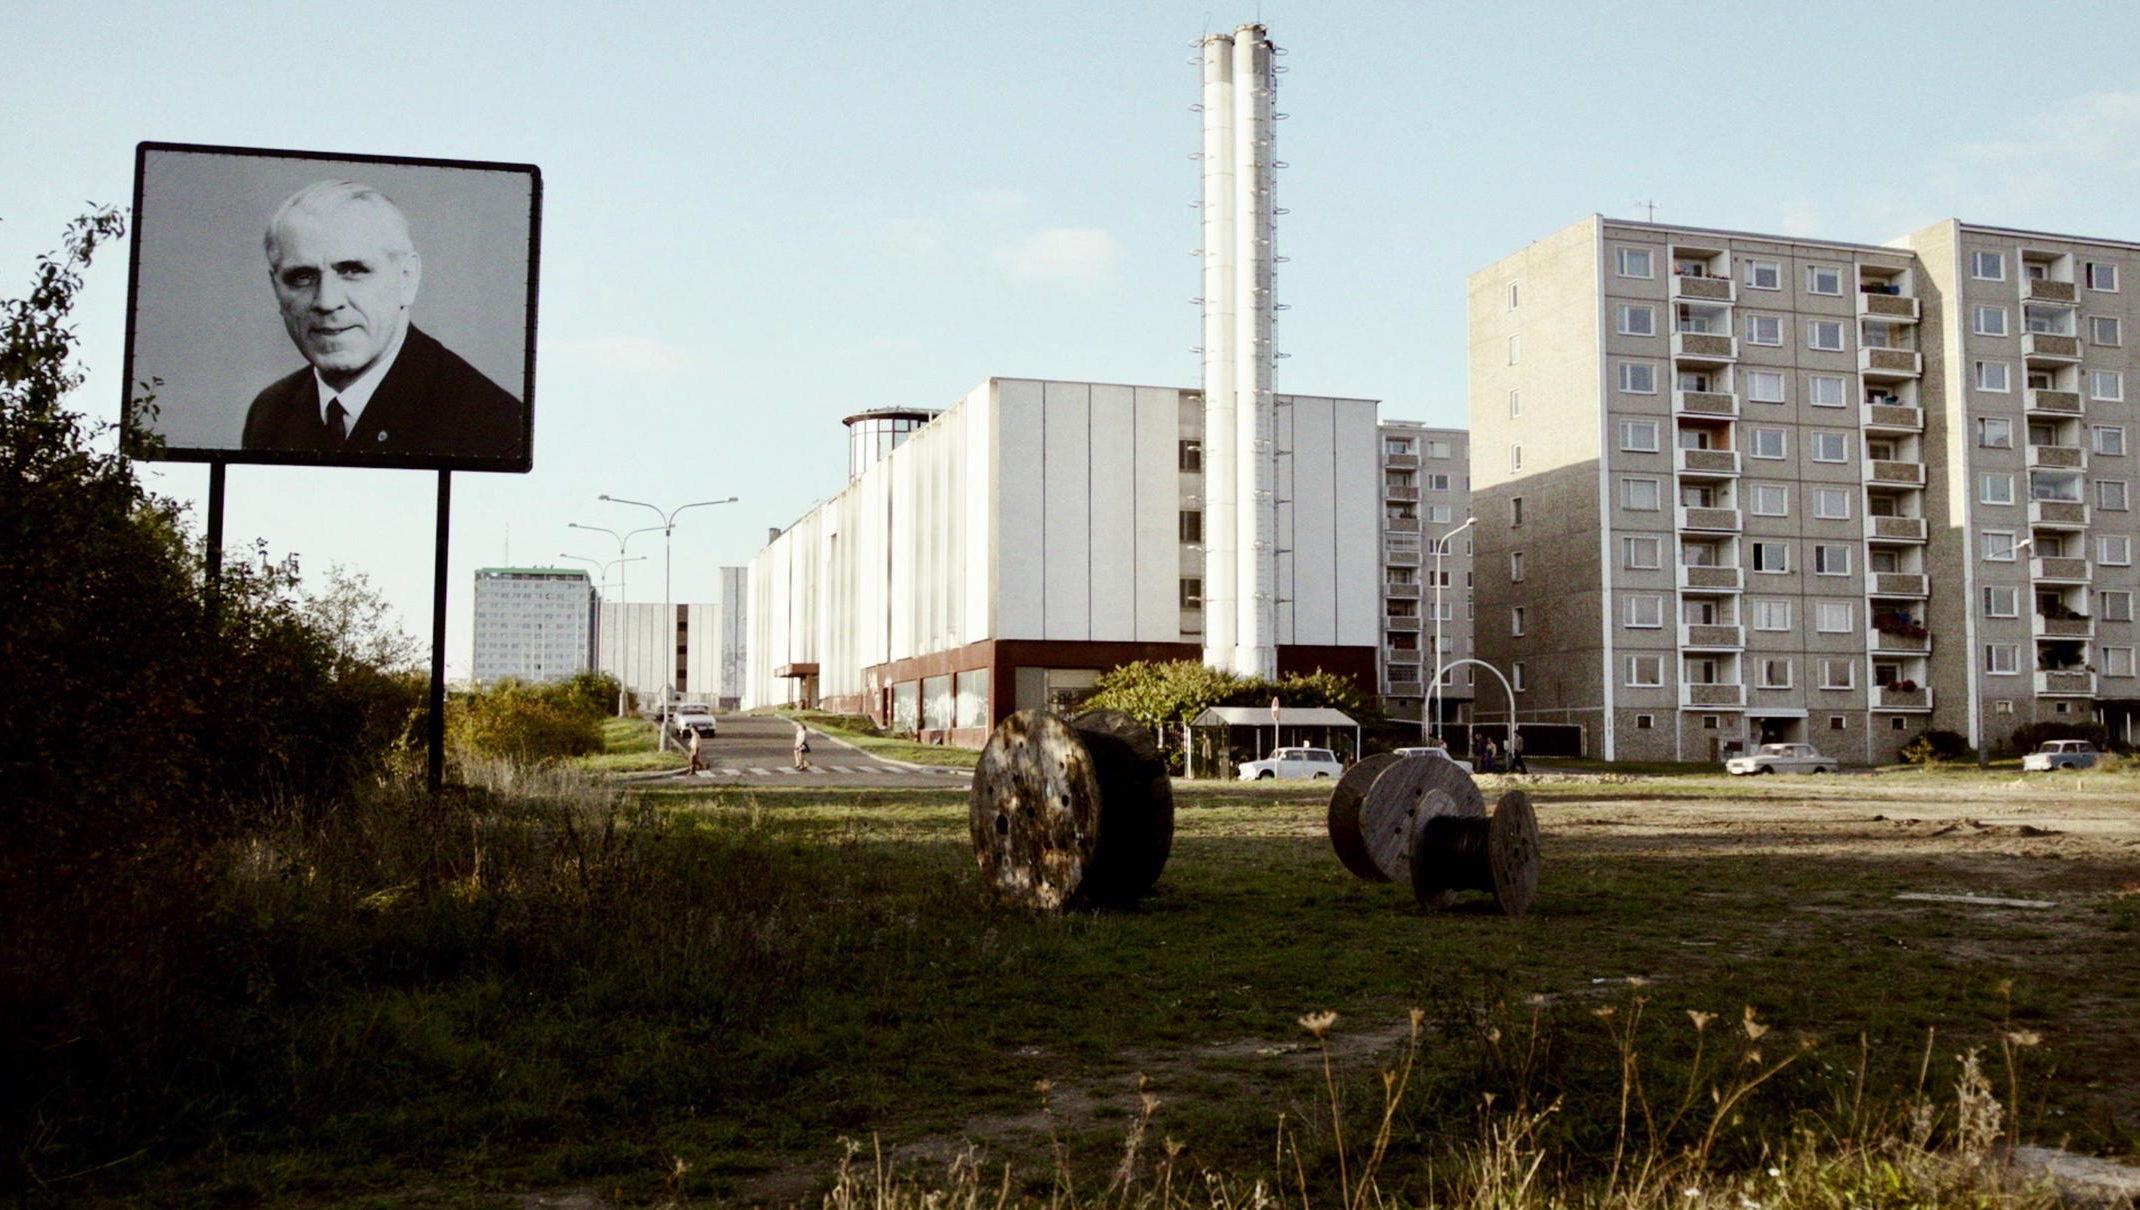 the same sky - Der Gleiche Himmel - Regie Oliver Hirschbiegel - Kamera Judith Kaufmann - Plattenbau - Originalbild